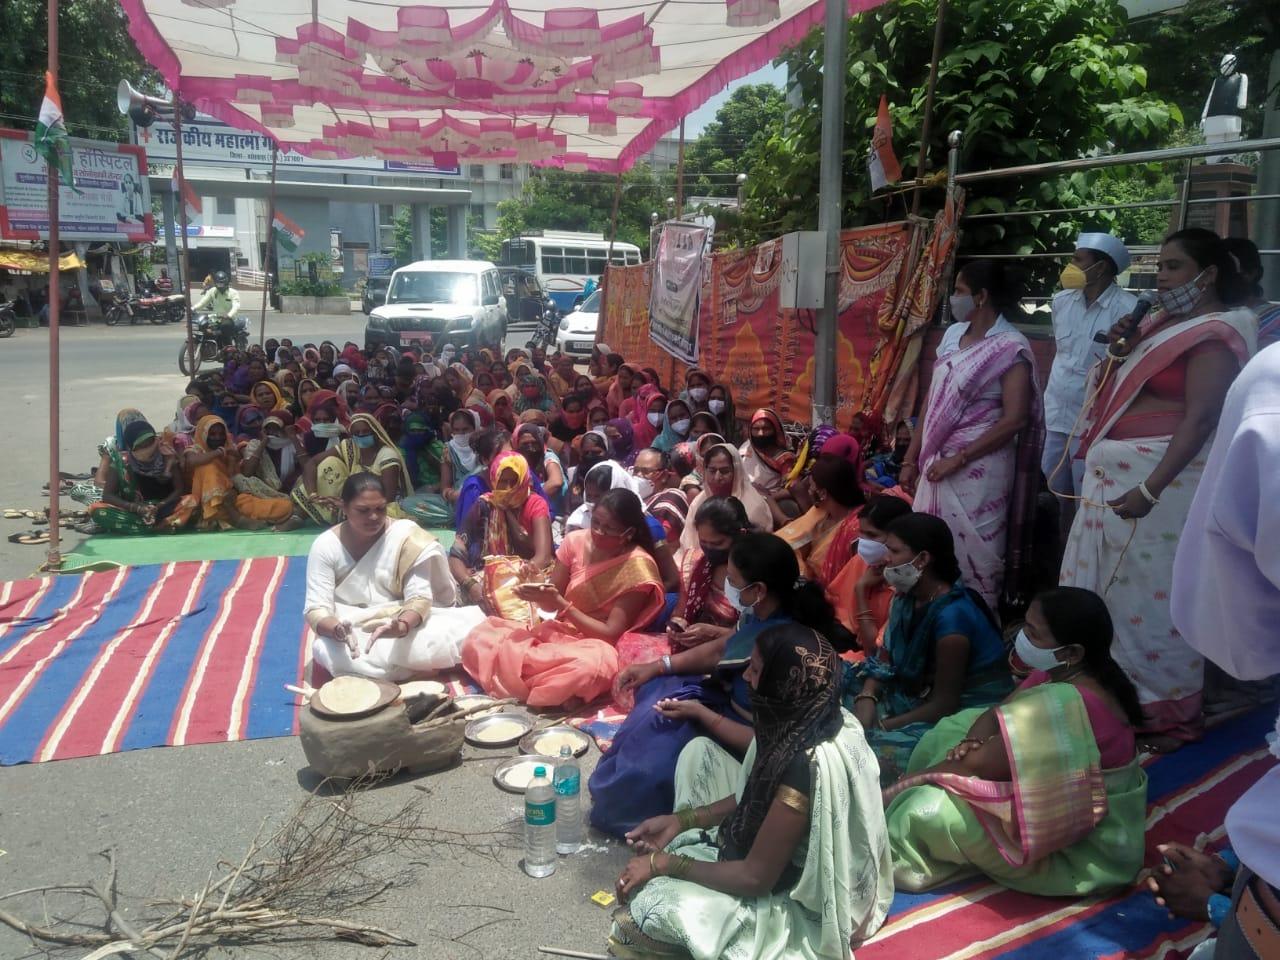 महंगाई के खिलाफ महिला कांग्रेस ने किया प्रदर्शन, रोटियां बनाकर पशुओं को खिलाईं, बोलीं- महंगाई से जीना हुआ मुहाल|बांसवाड़ा,Banswara - Dainik Bhaskar